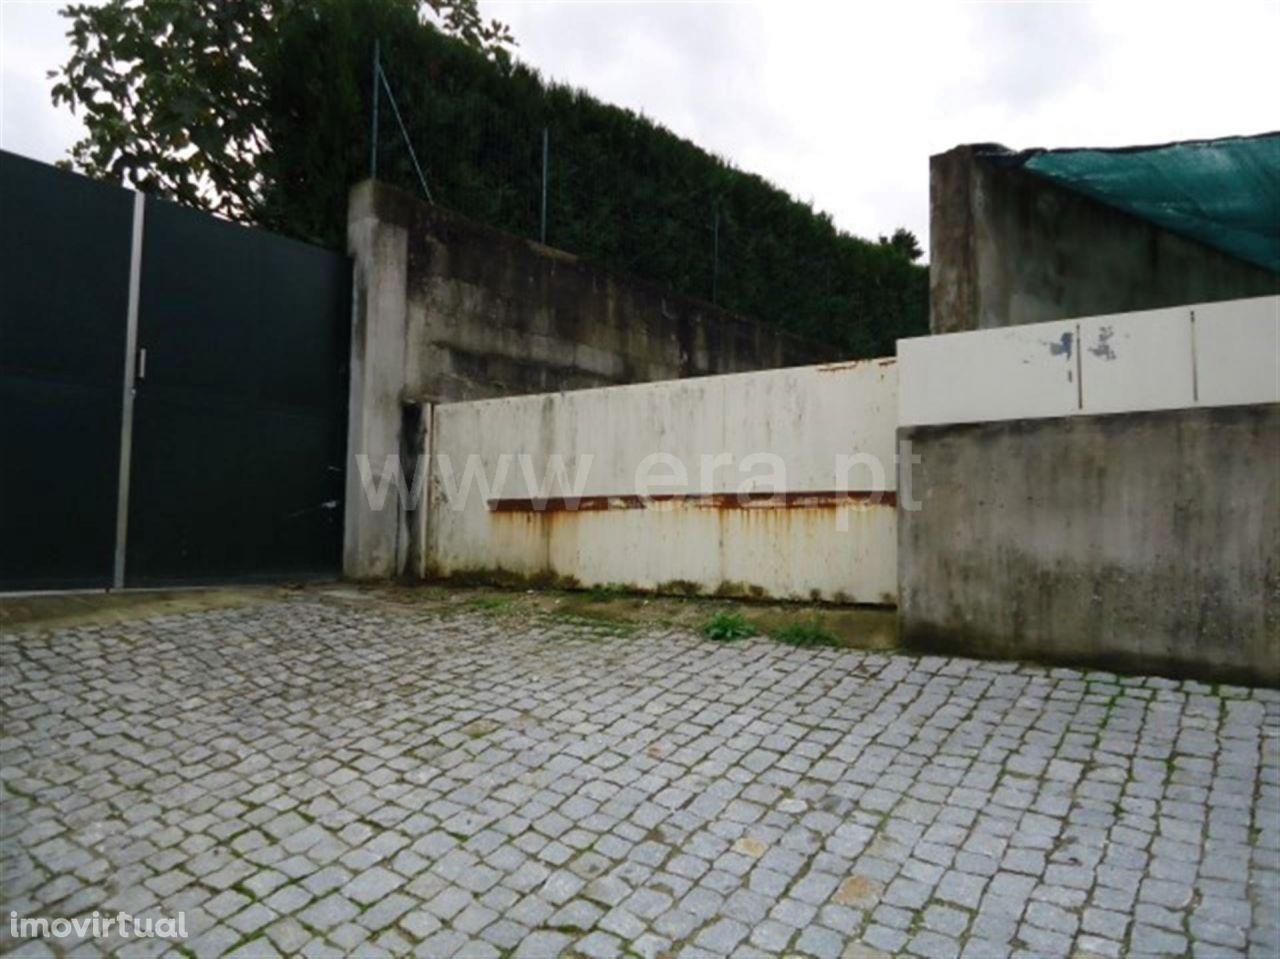 Terreno com viabilidade de construção com 757 m2 em Cepães